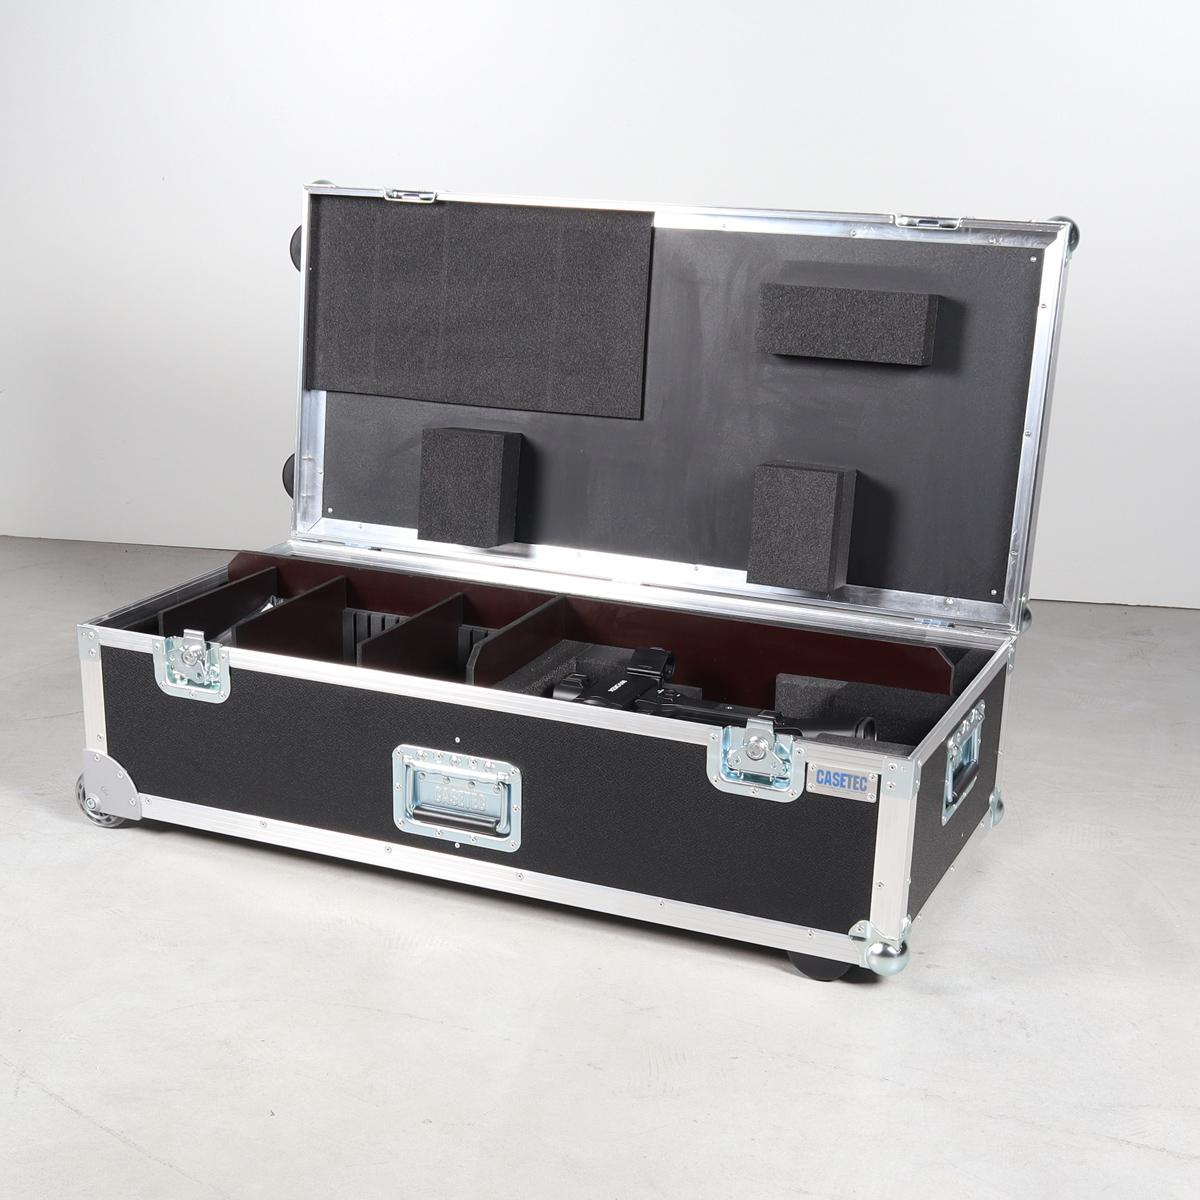 Truhe für eine Sony PWX-Z190V mit Stativ Sachler ACE MGS und div. Zubehör